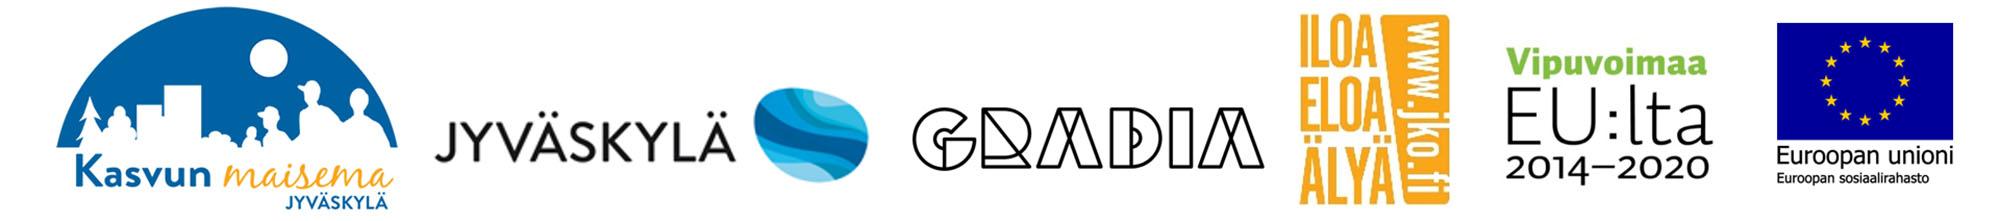 Toimijoiden logot - Jyväskylän kaupunki, Gradia, JKO, Euroopan unioni